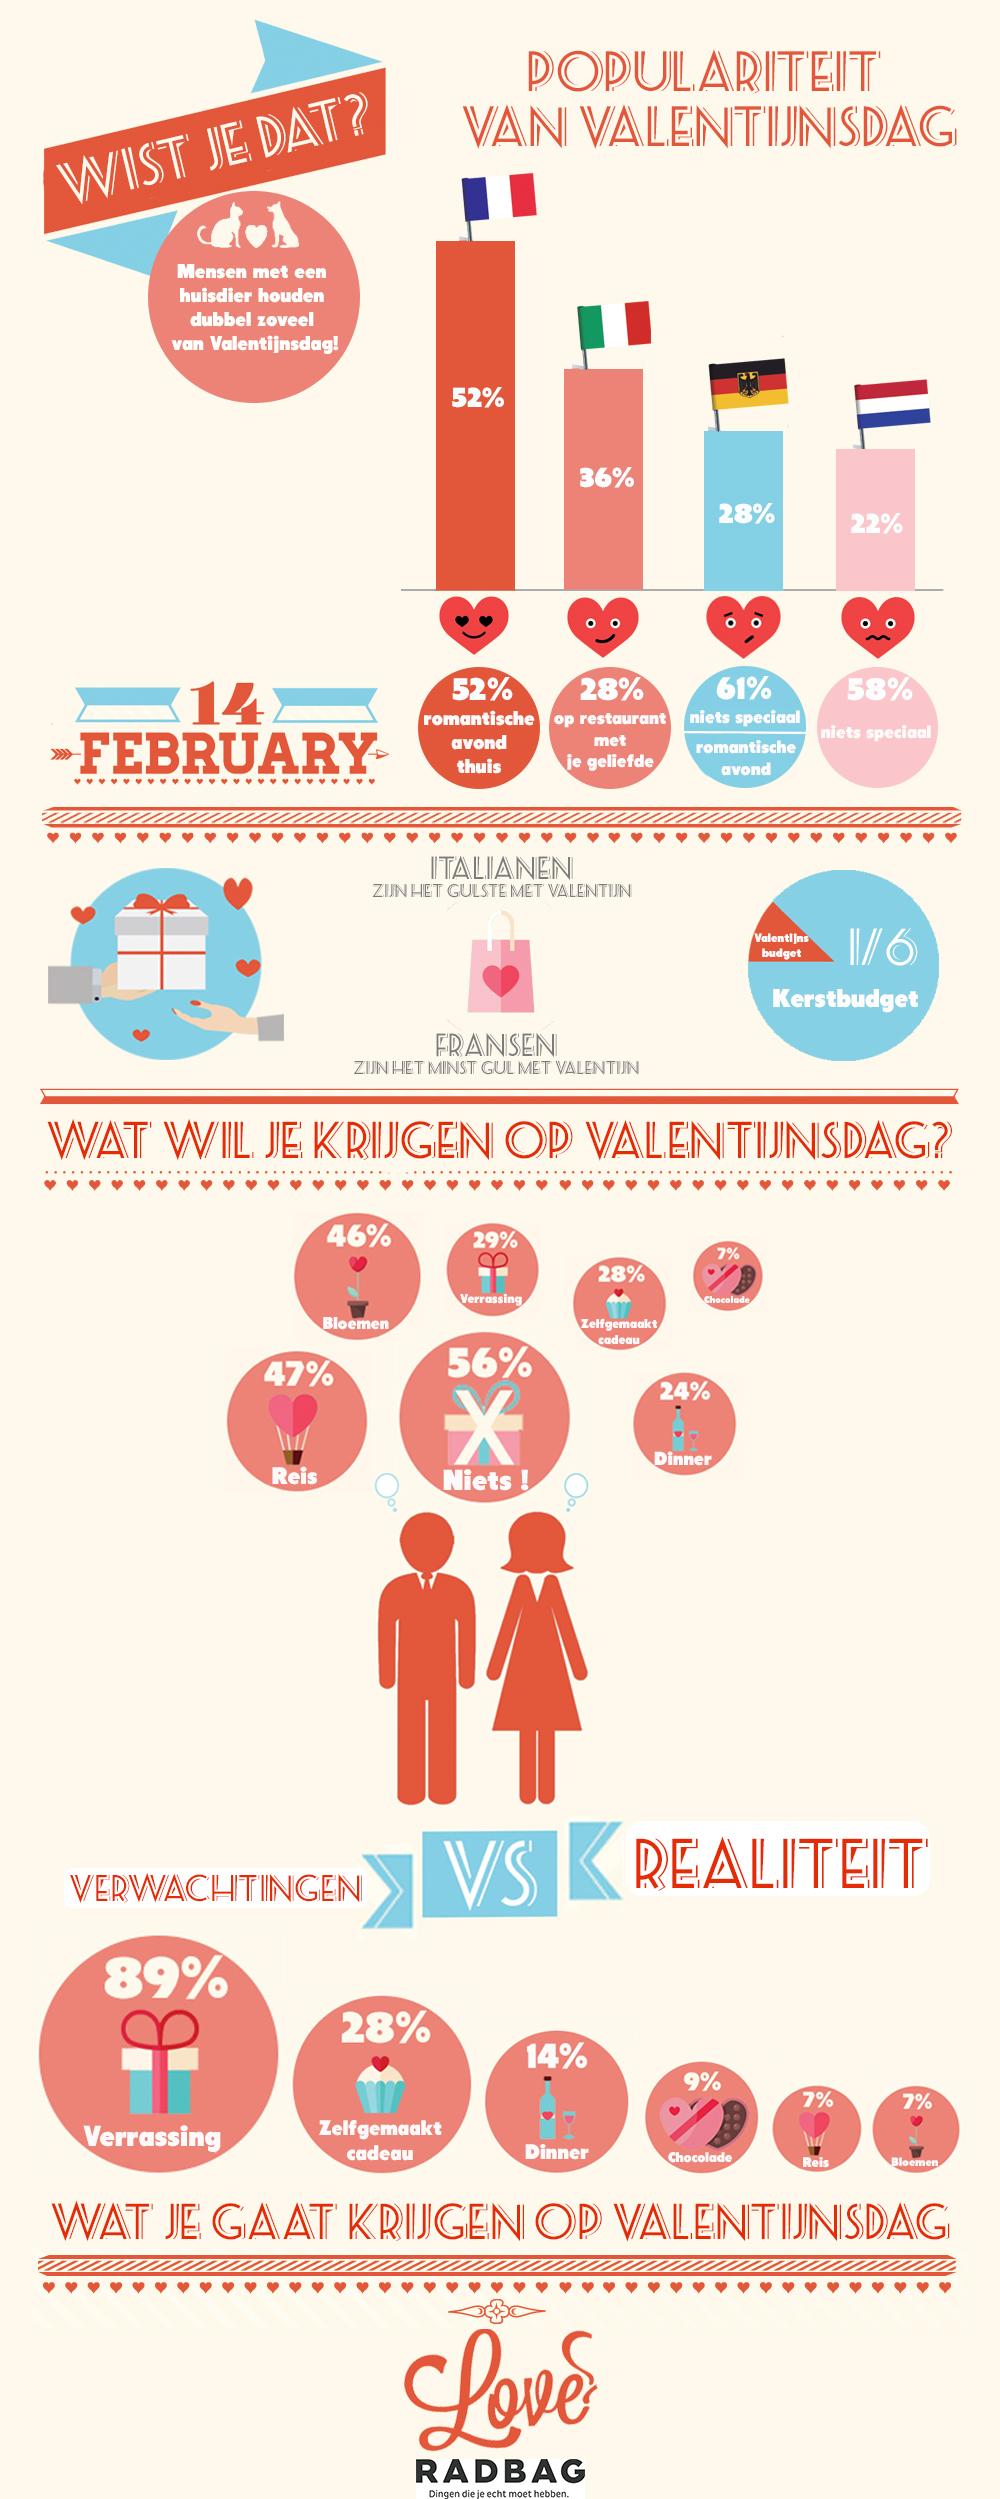 wat willen we krijgen op Valentijnsdag